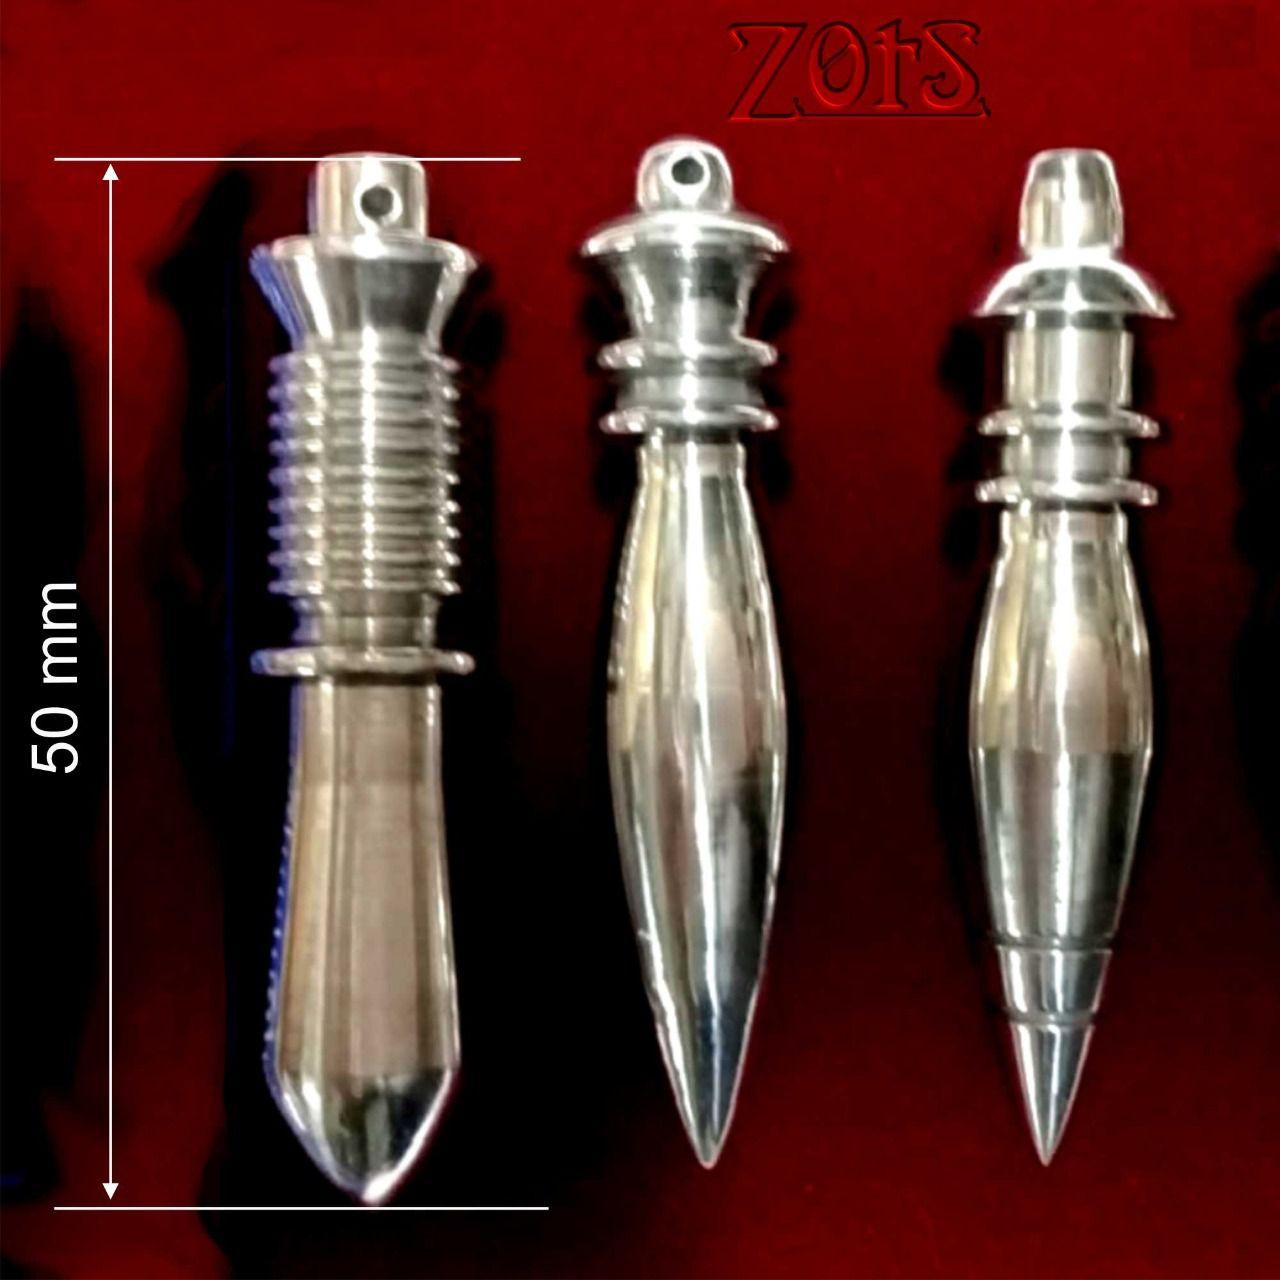 Pêndulo Escriba Alumínio  -  Zots